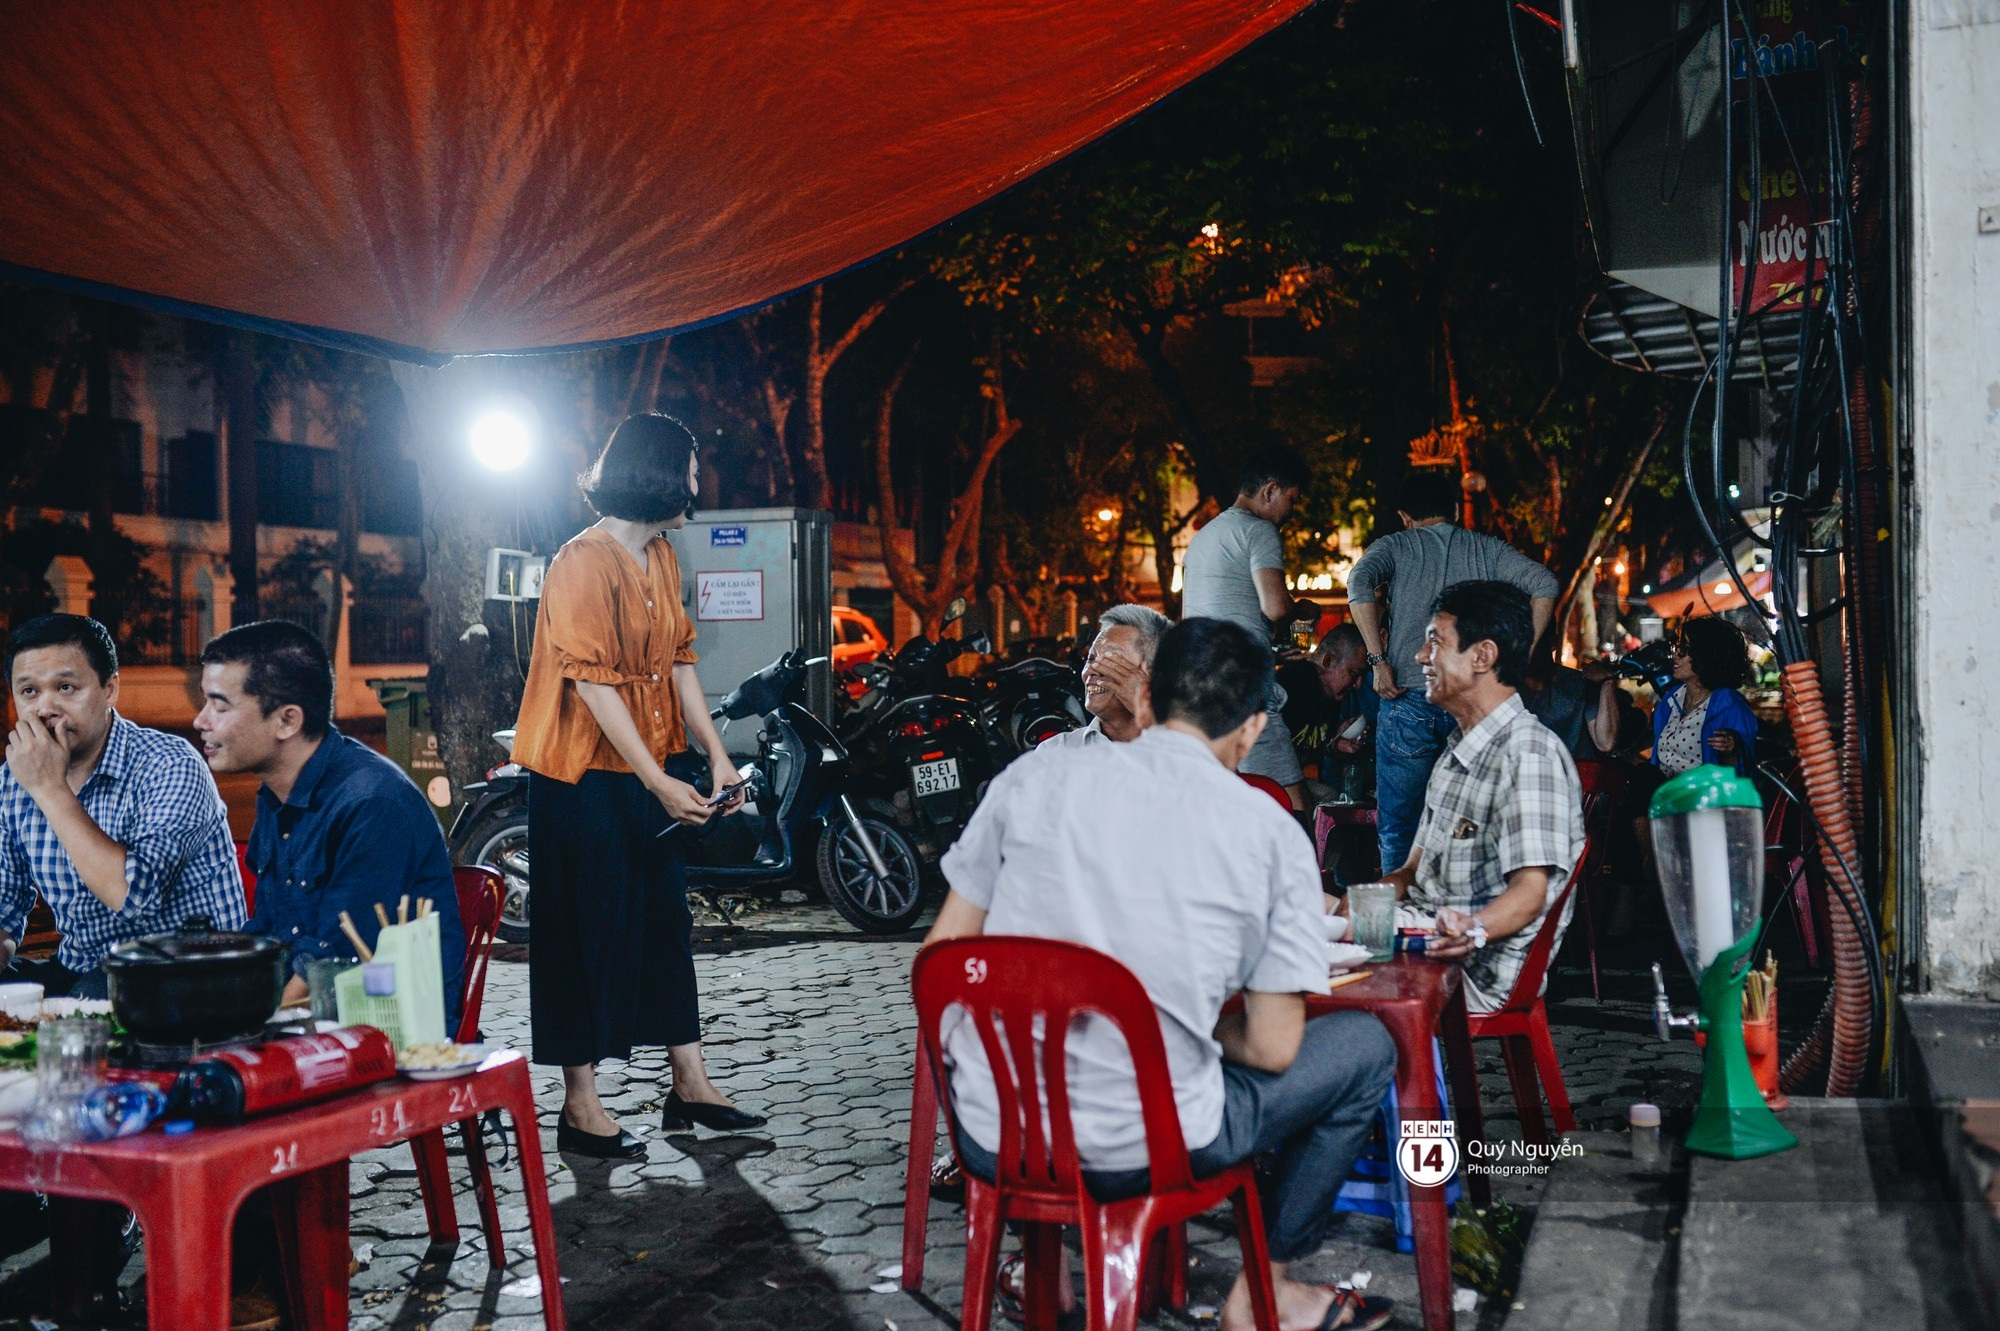 Cuộc sống hiện tại của Nguyệt trong Phía trước là bầu trời: Sáng đi dạy múa, tối về làm chủ quán bia - Ảnh 2